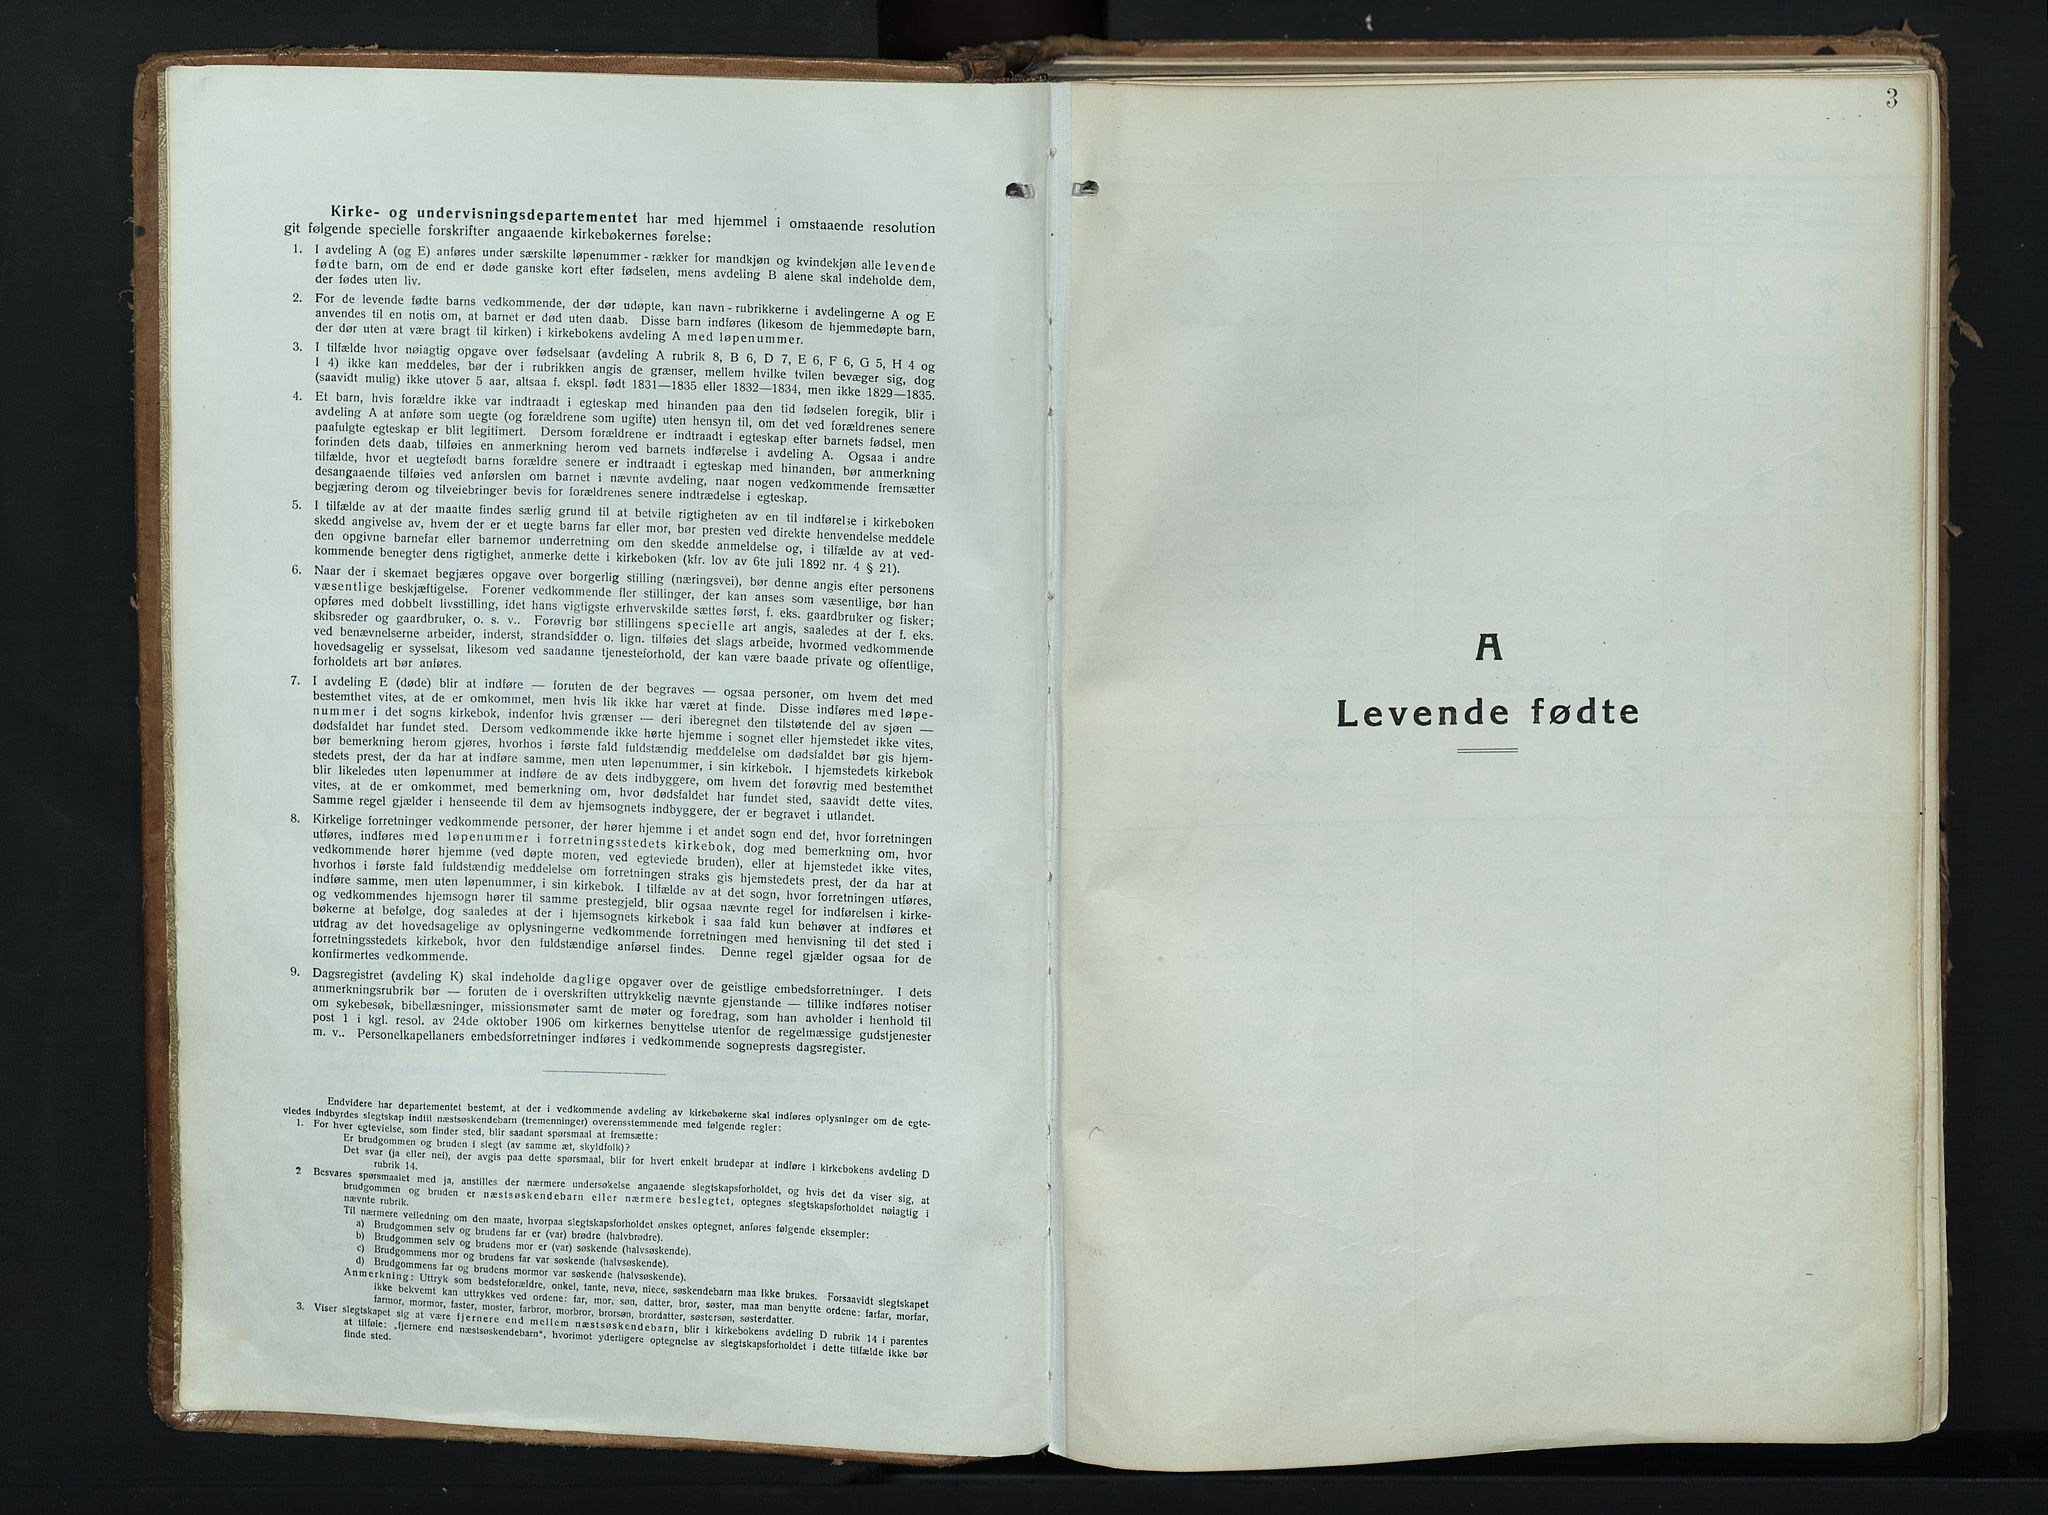 SAH, Alvdal prestekontor, Ministerialbok nr. 6, 1920-1937, s. 3